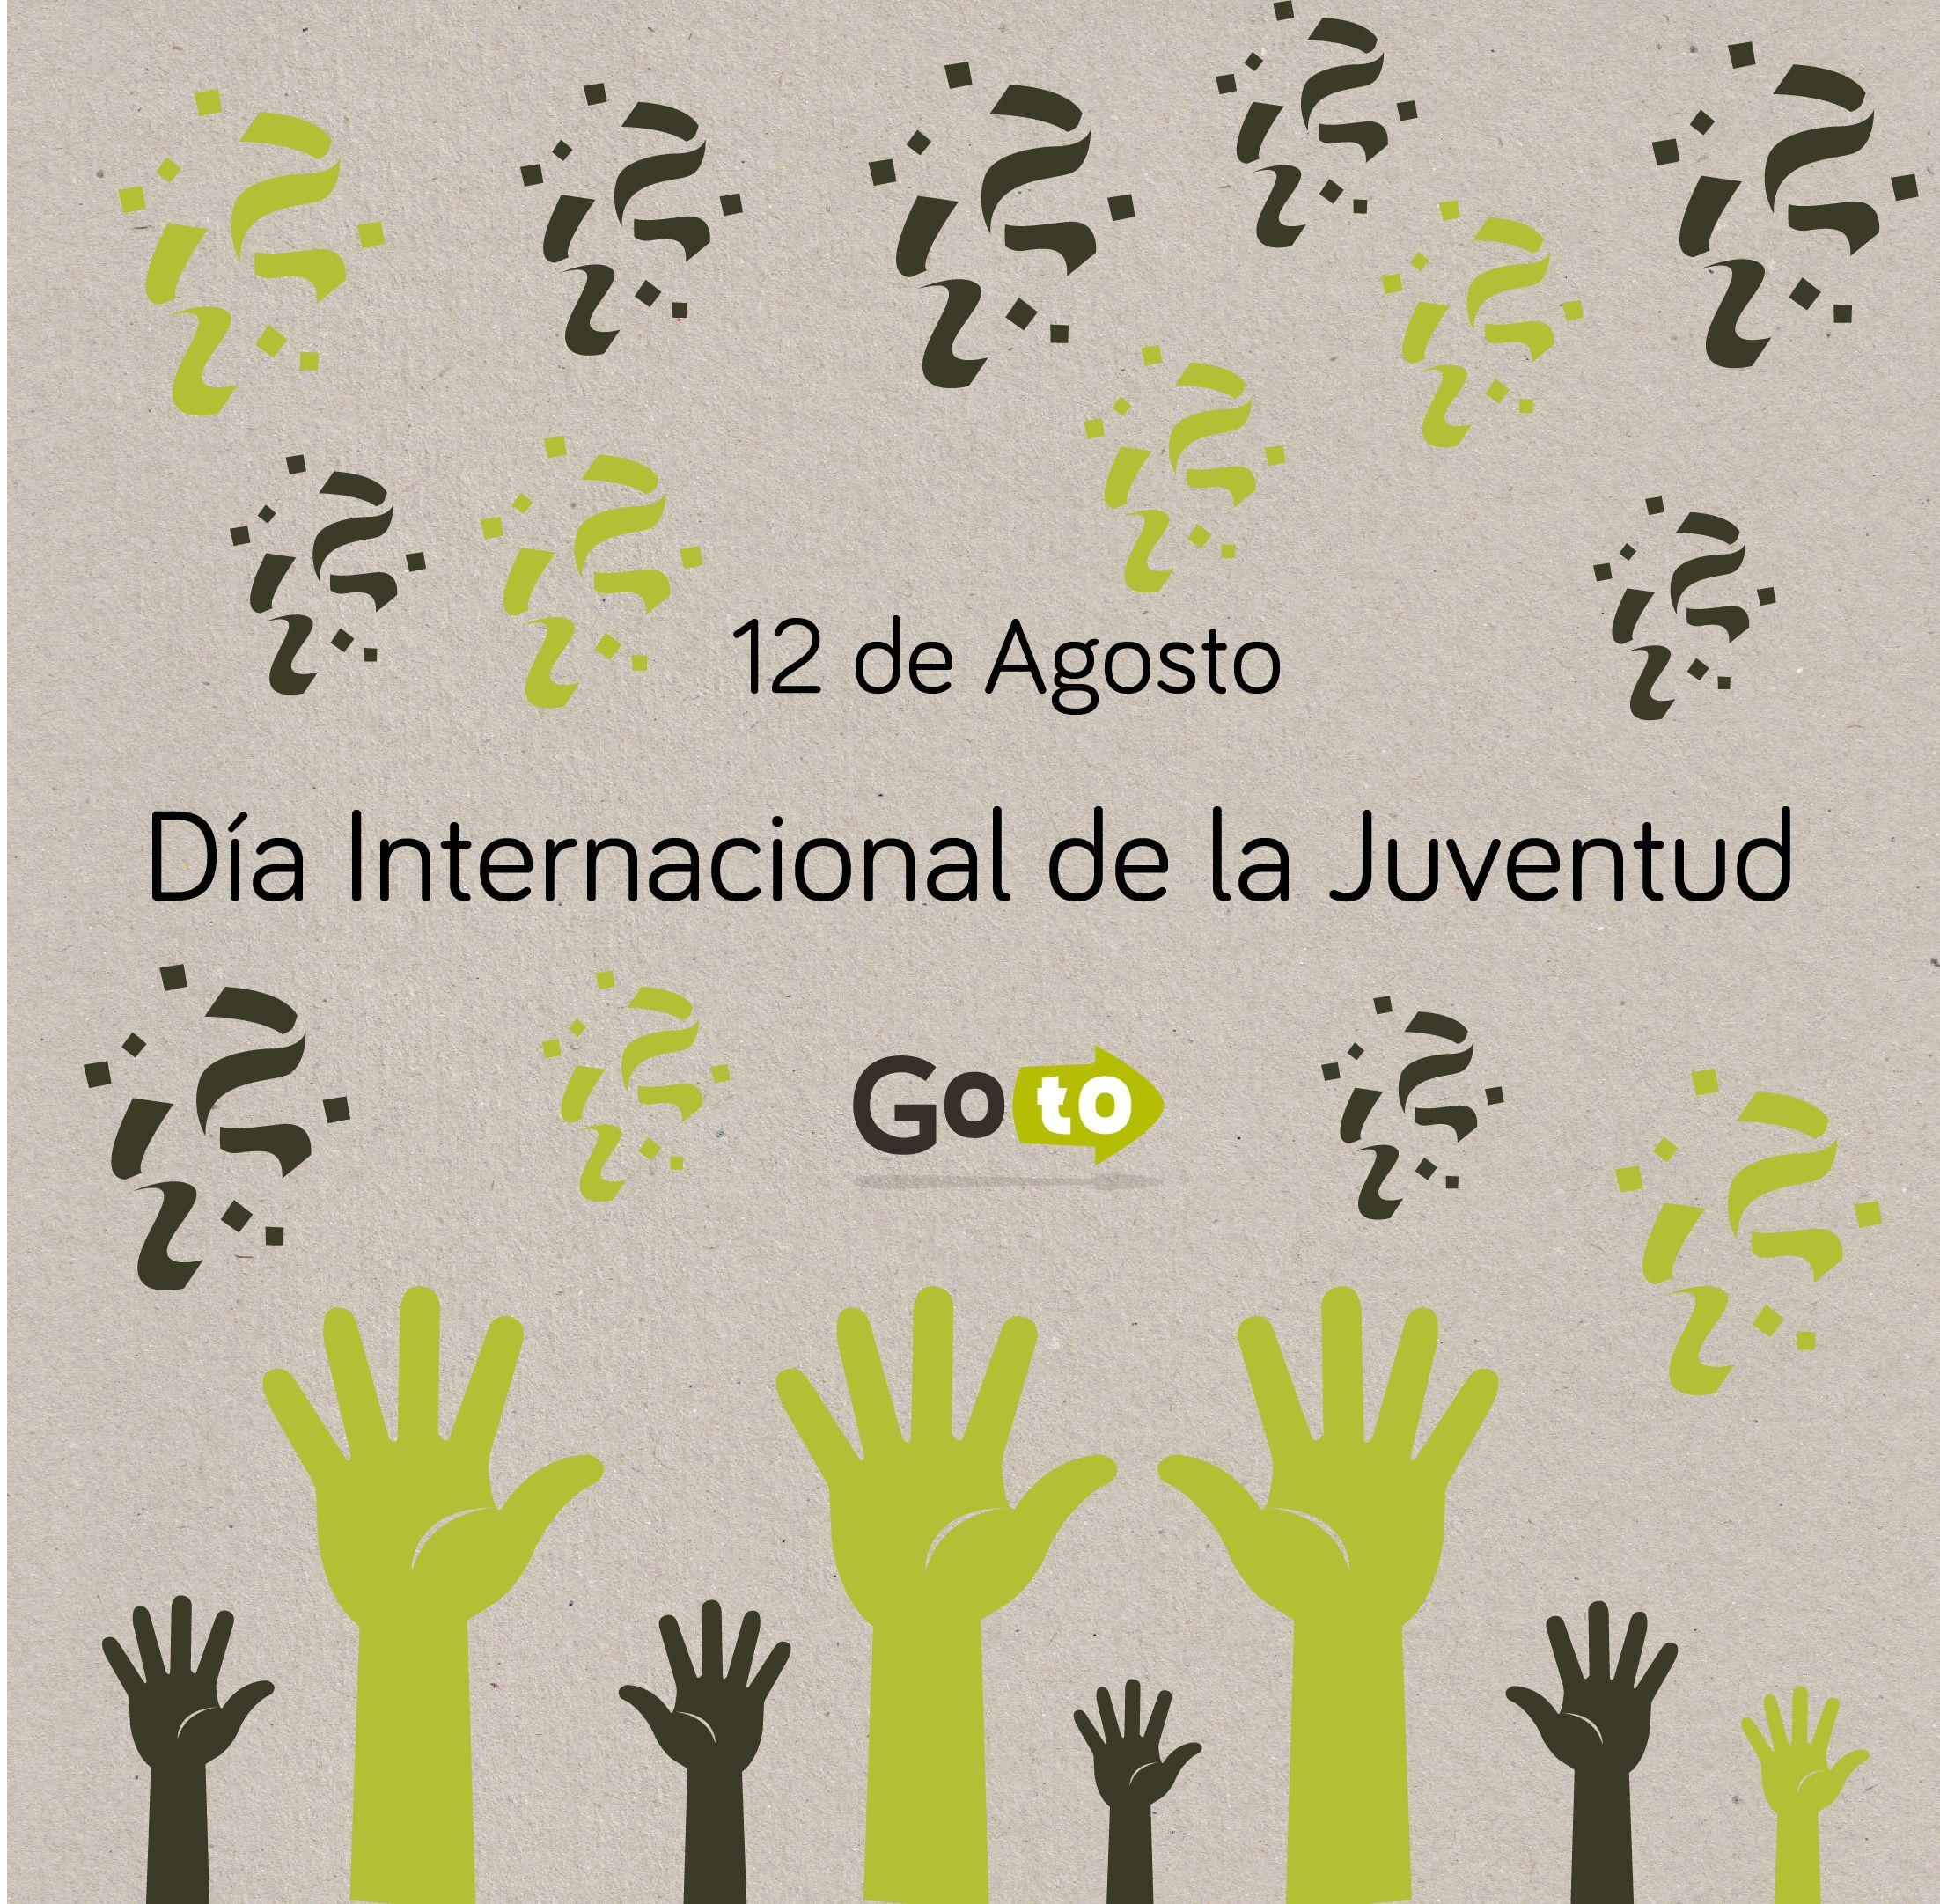 En Este Dia Internacional De La Juventud De 2014 Propongamonos